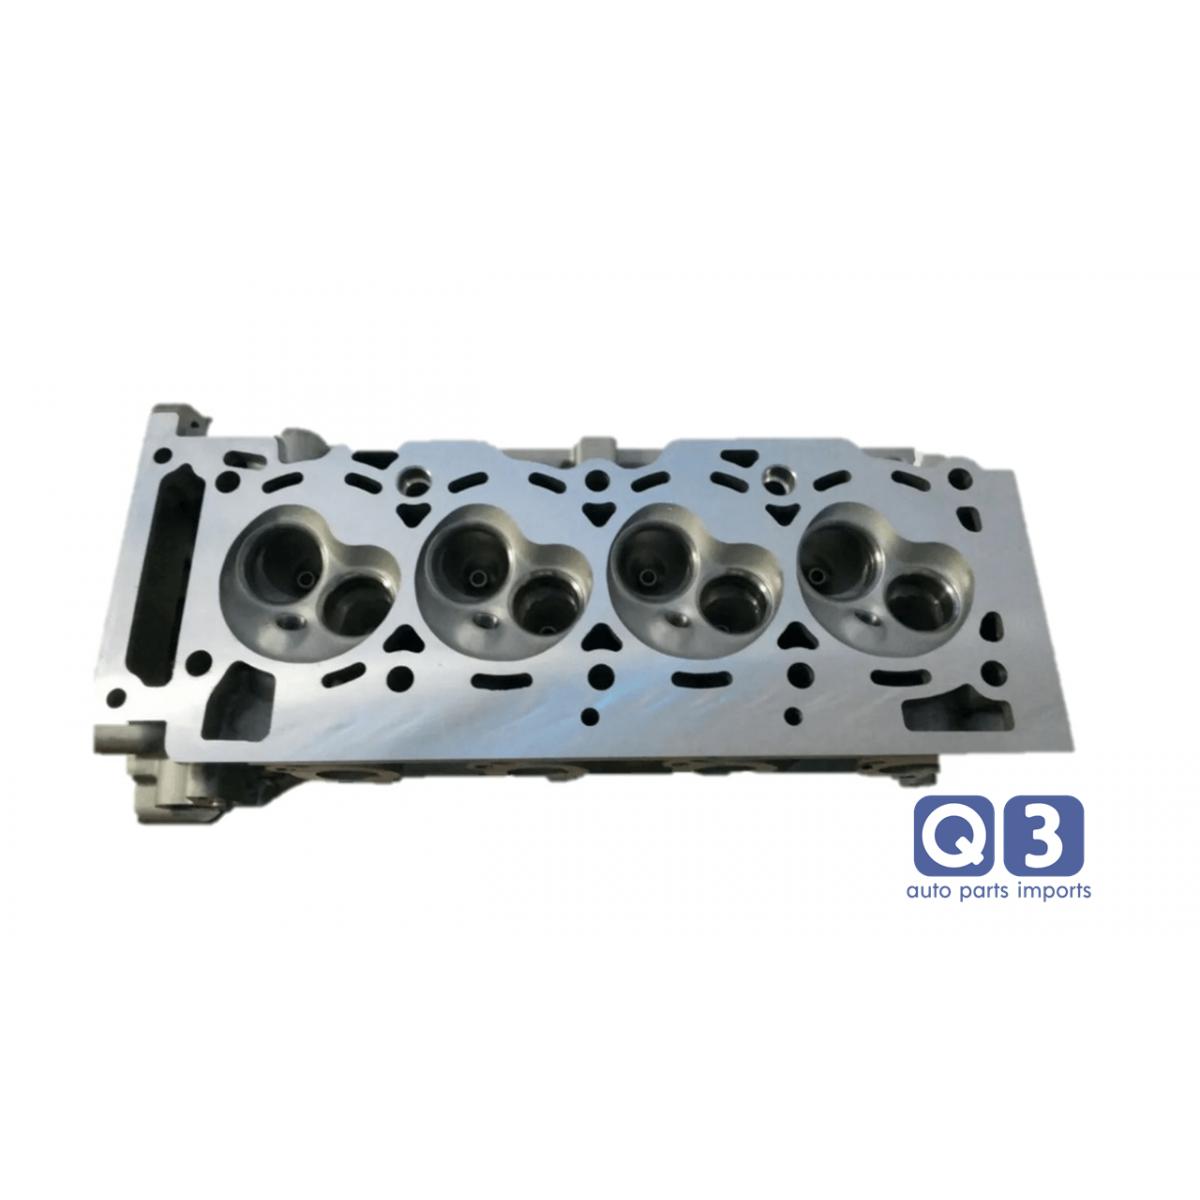 Cabeçote do Motor Ford Zetec Rocam 1.6 8V Gasolina e Flex número original (XS6E-6090)